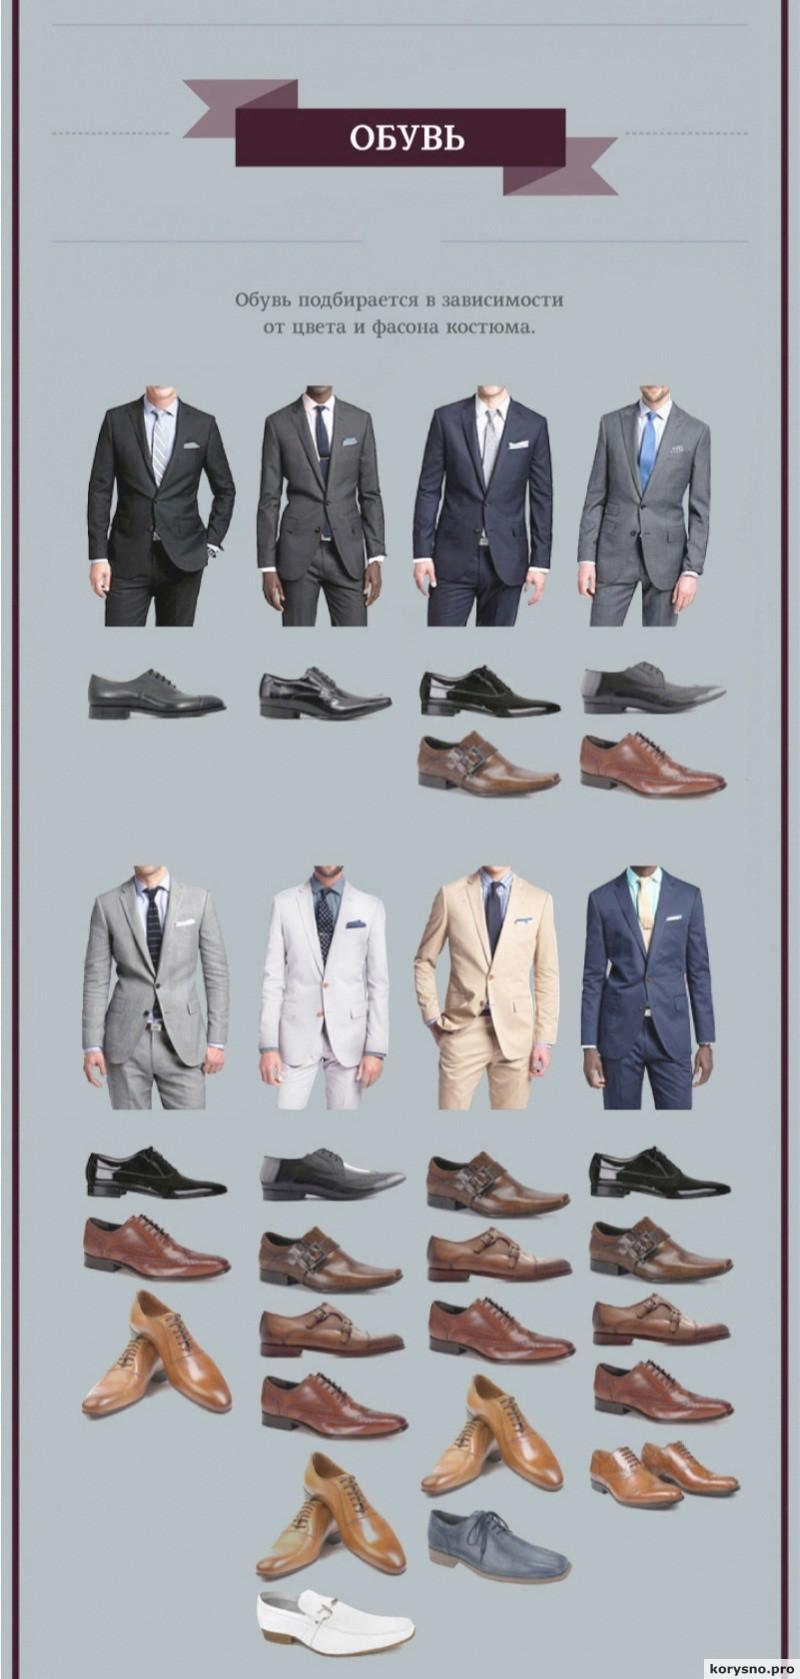 20 правил стиля, которые стоит знать каждому мужчине